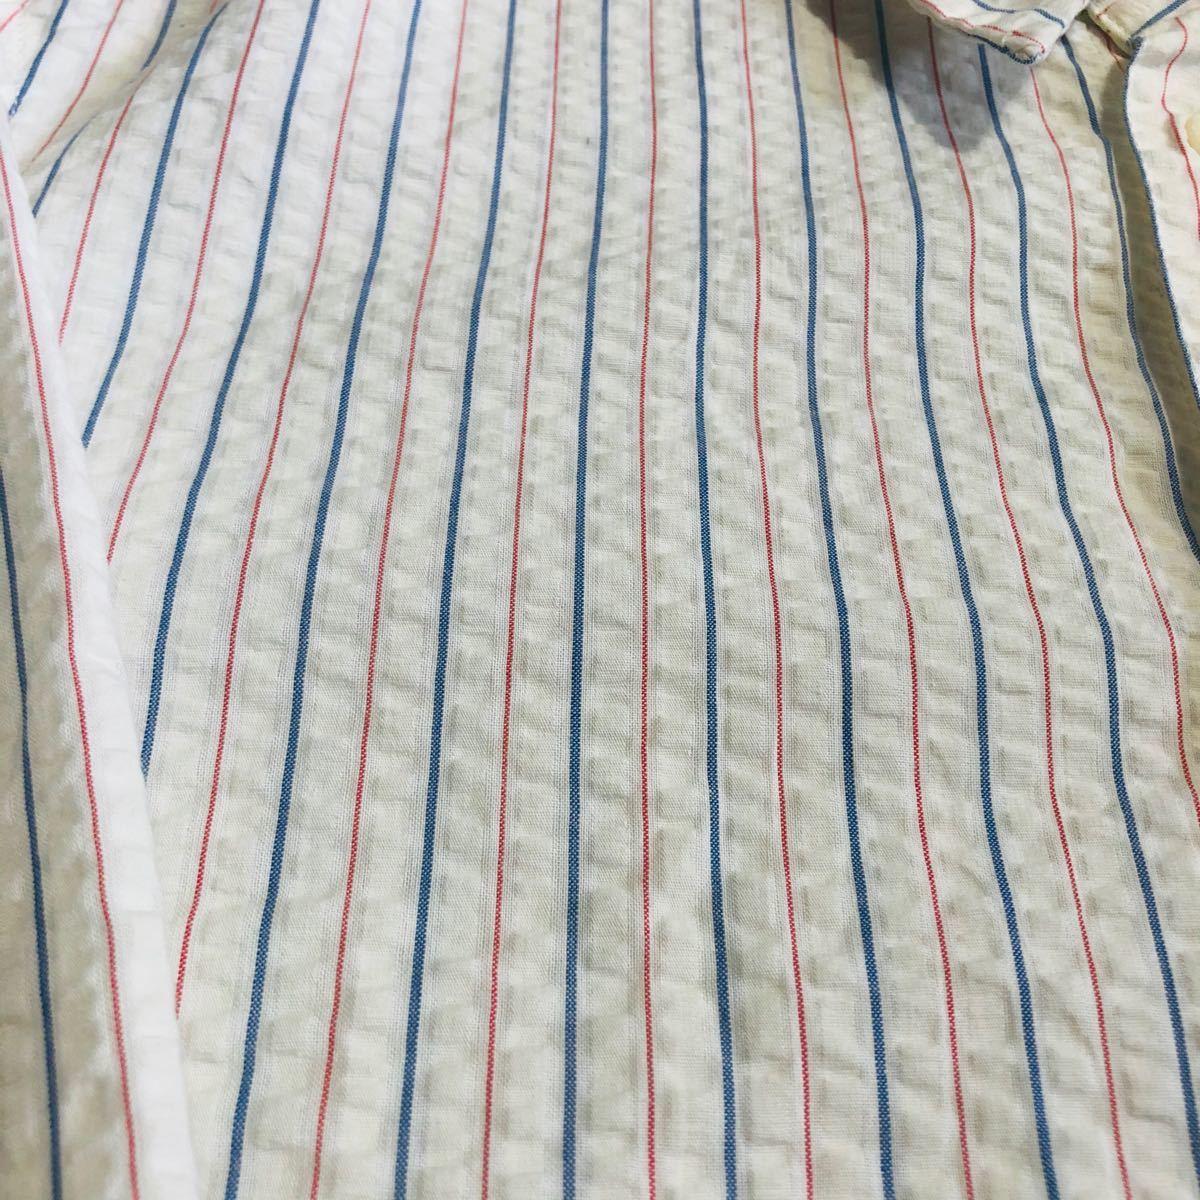 DIESEL ディーゼル 長袖 ストライプシャツ  シャツ バックロゴ